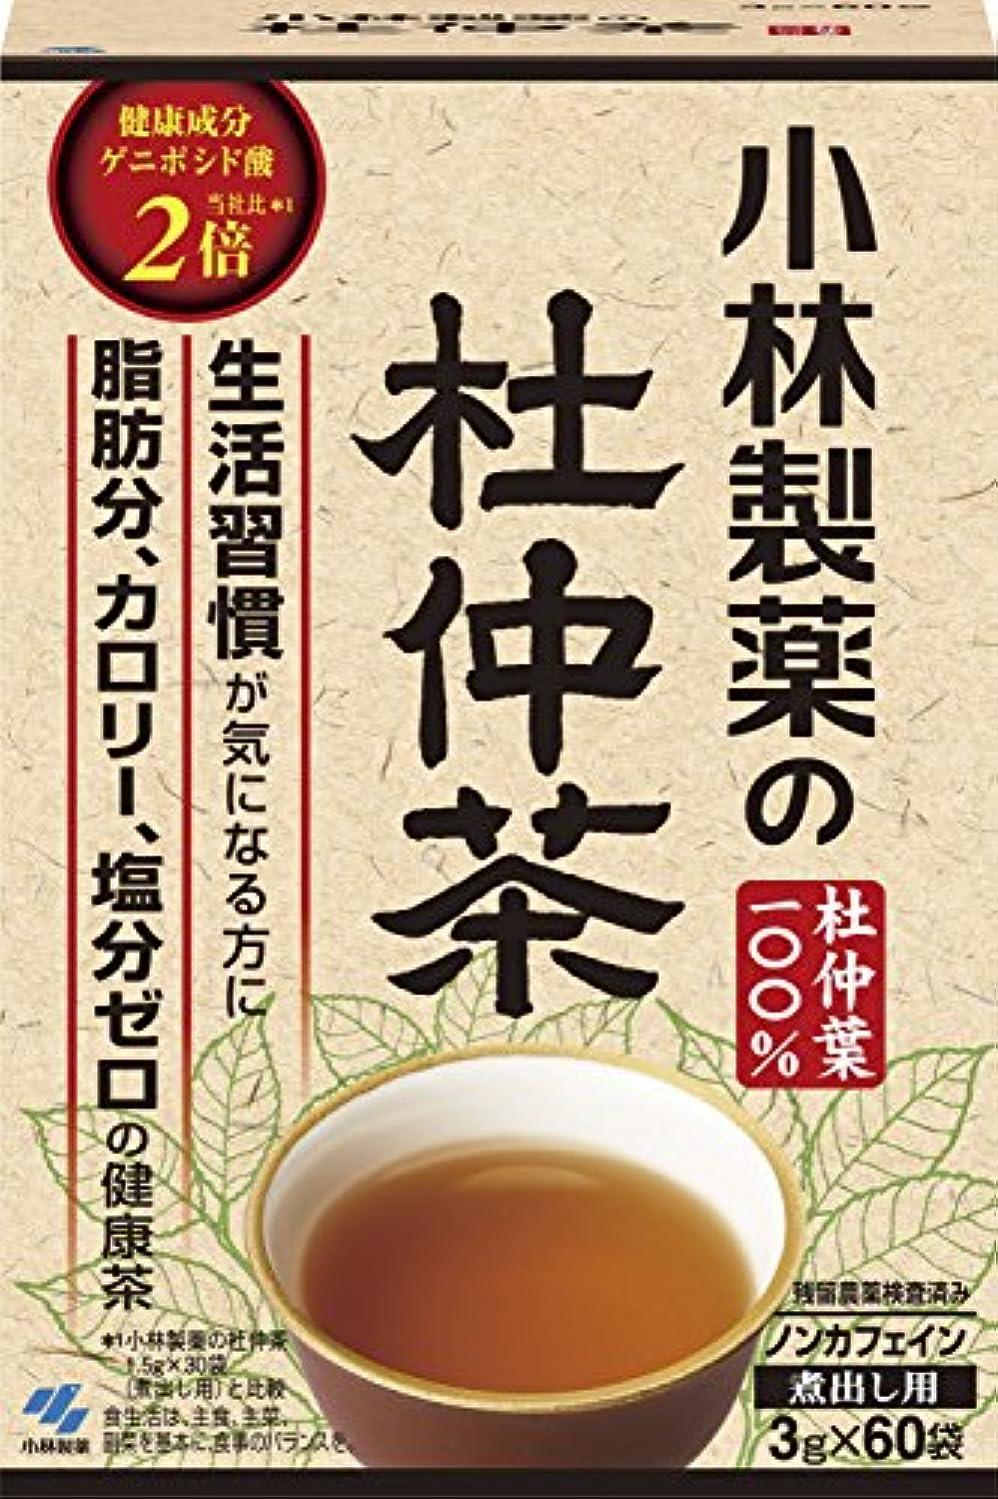 ありがたいスリーブ一口小林製薬の杜仲茶 3g×60袋